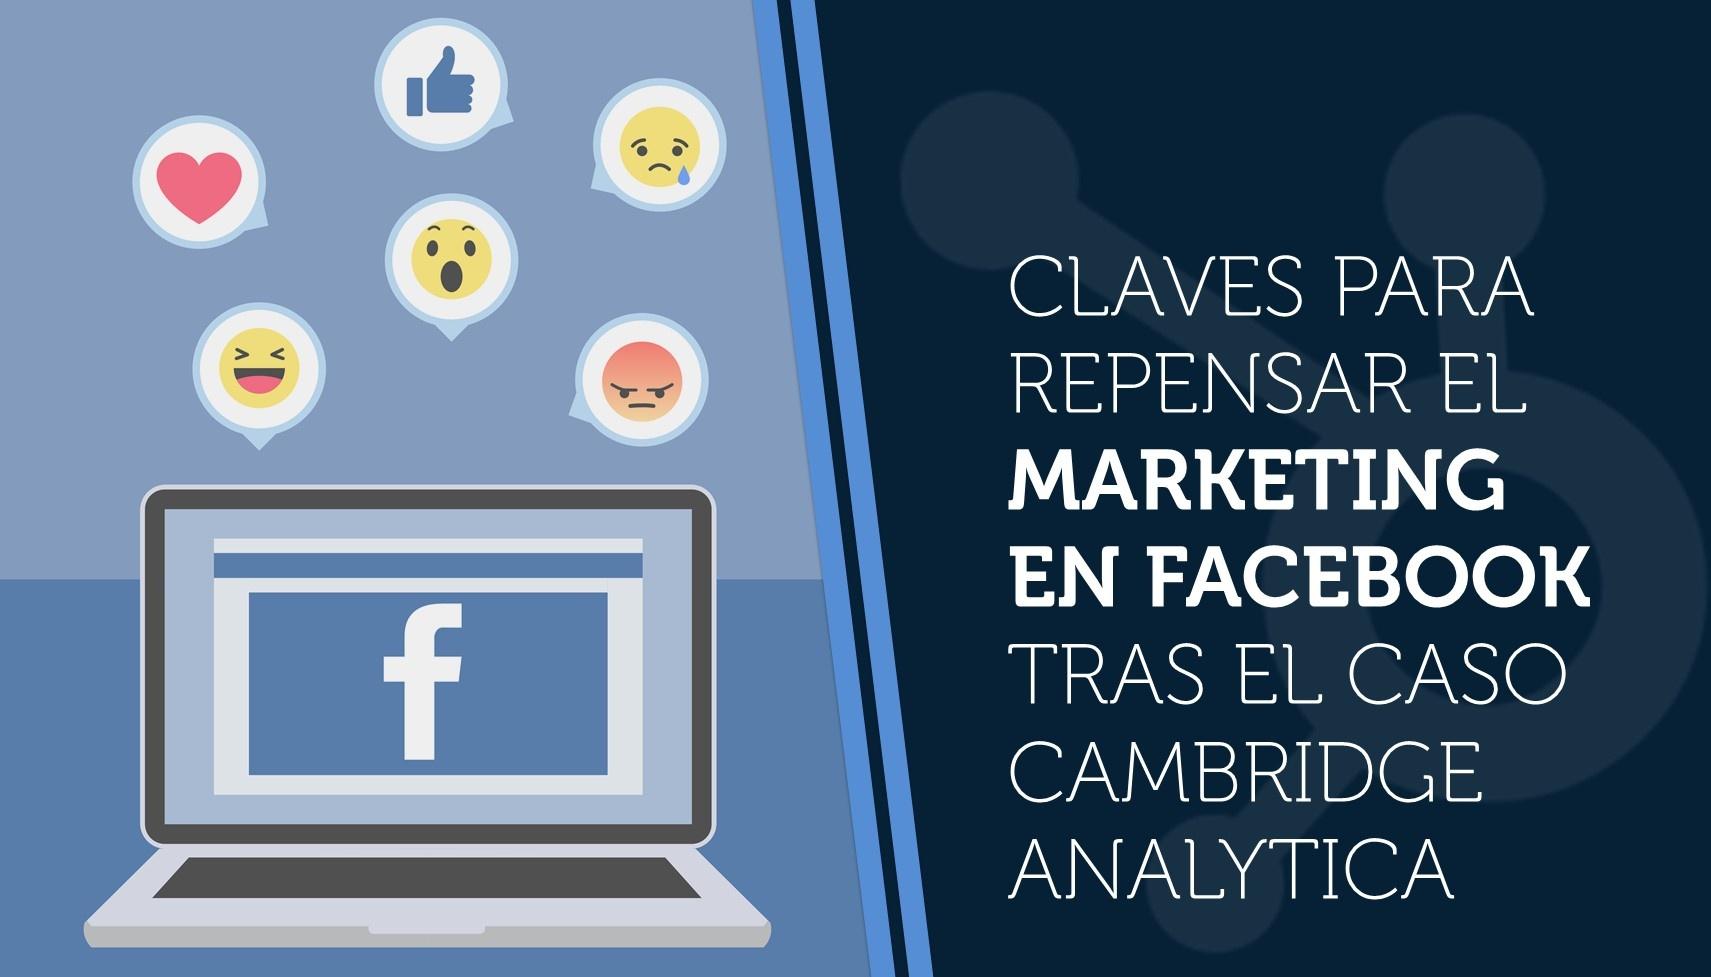 Claves para repensar el marketing en Facebook tras el caso Cambridge Analytica